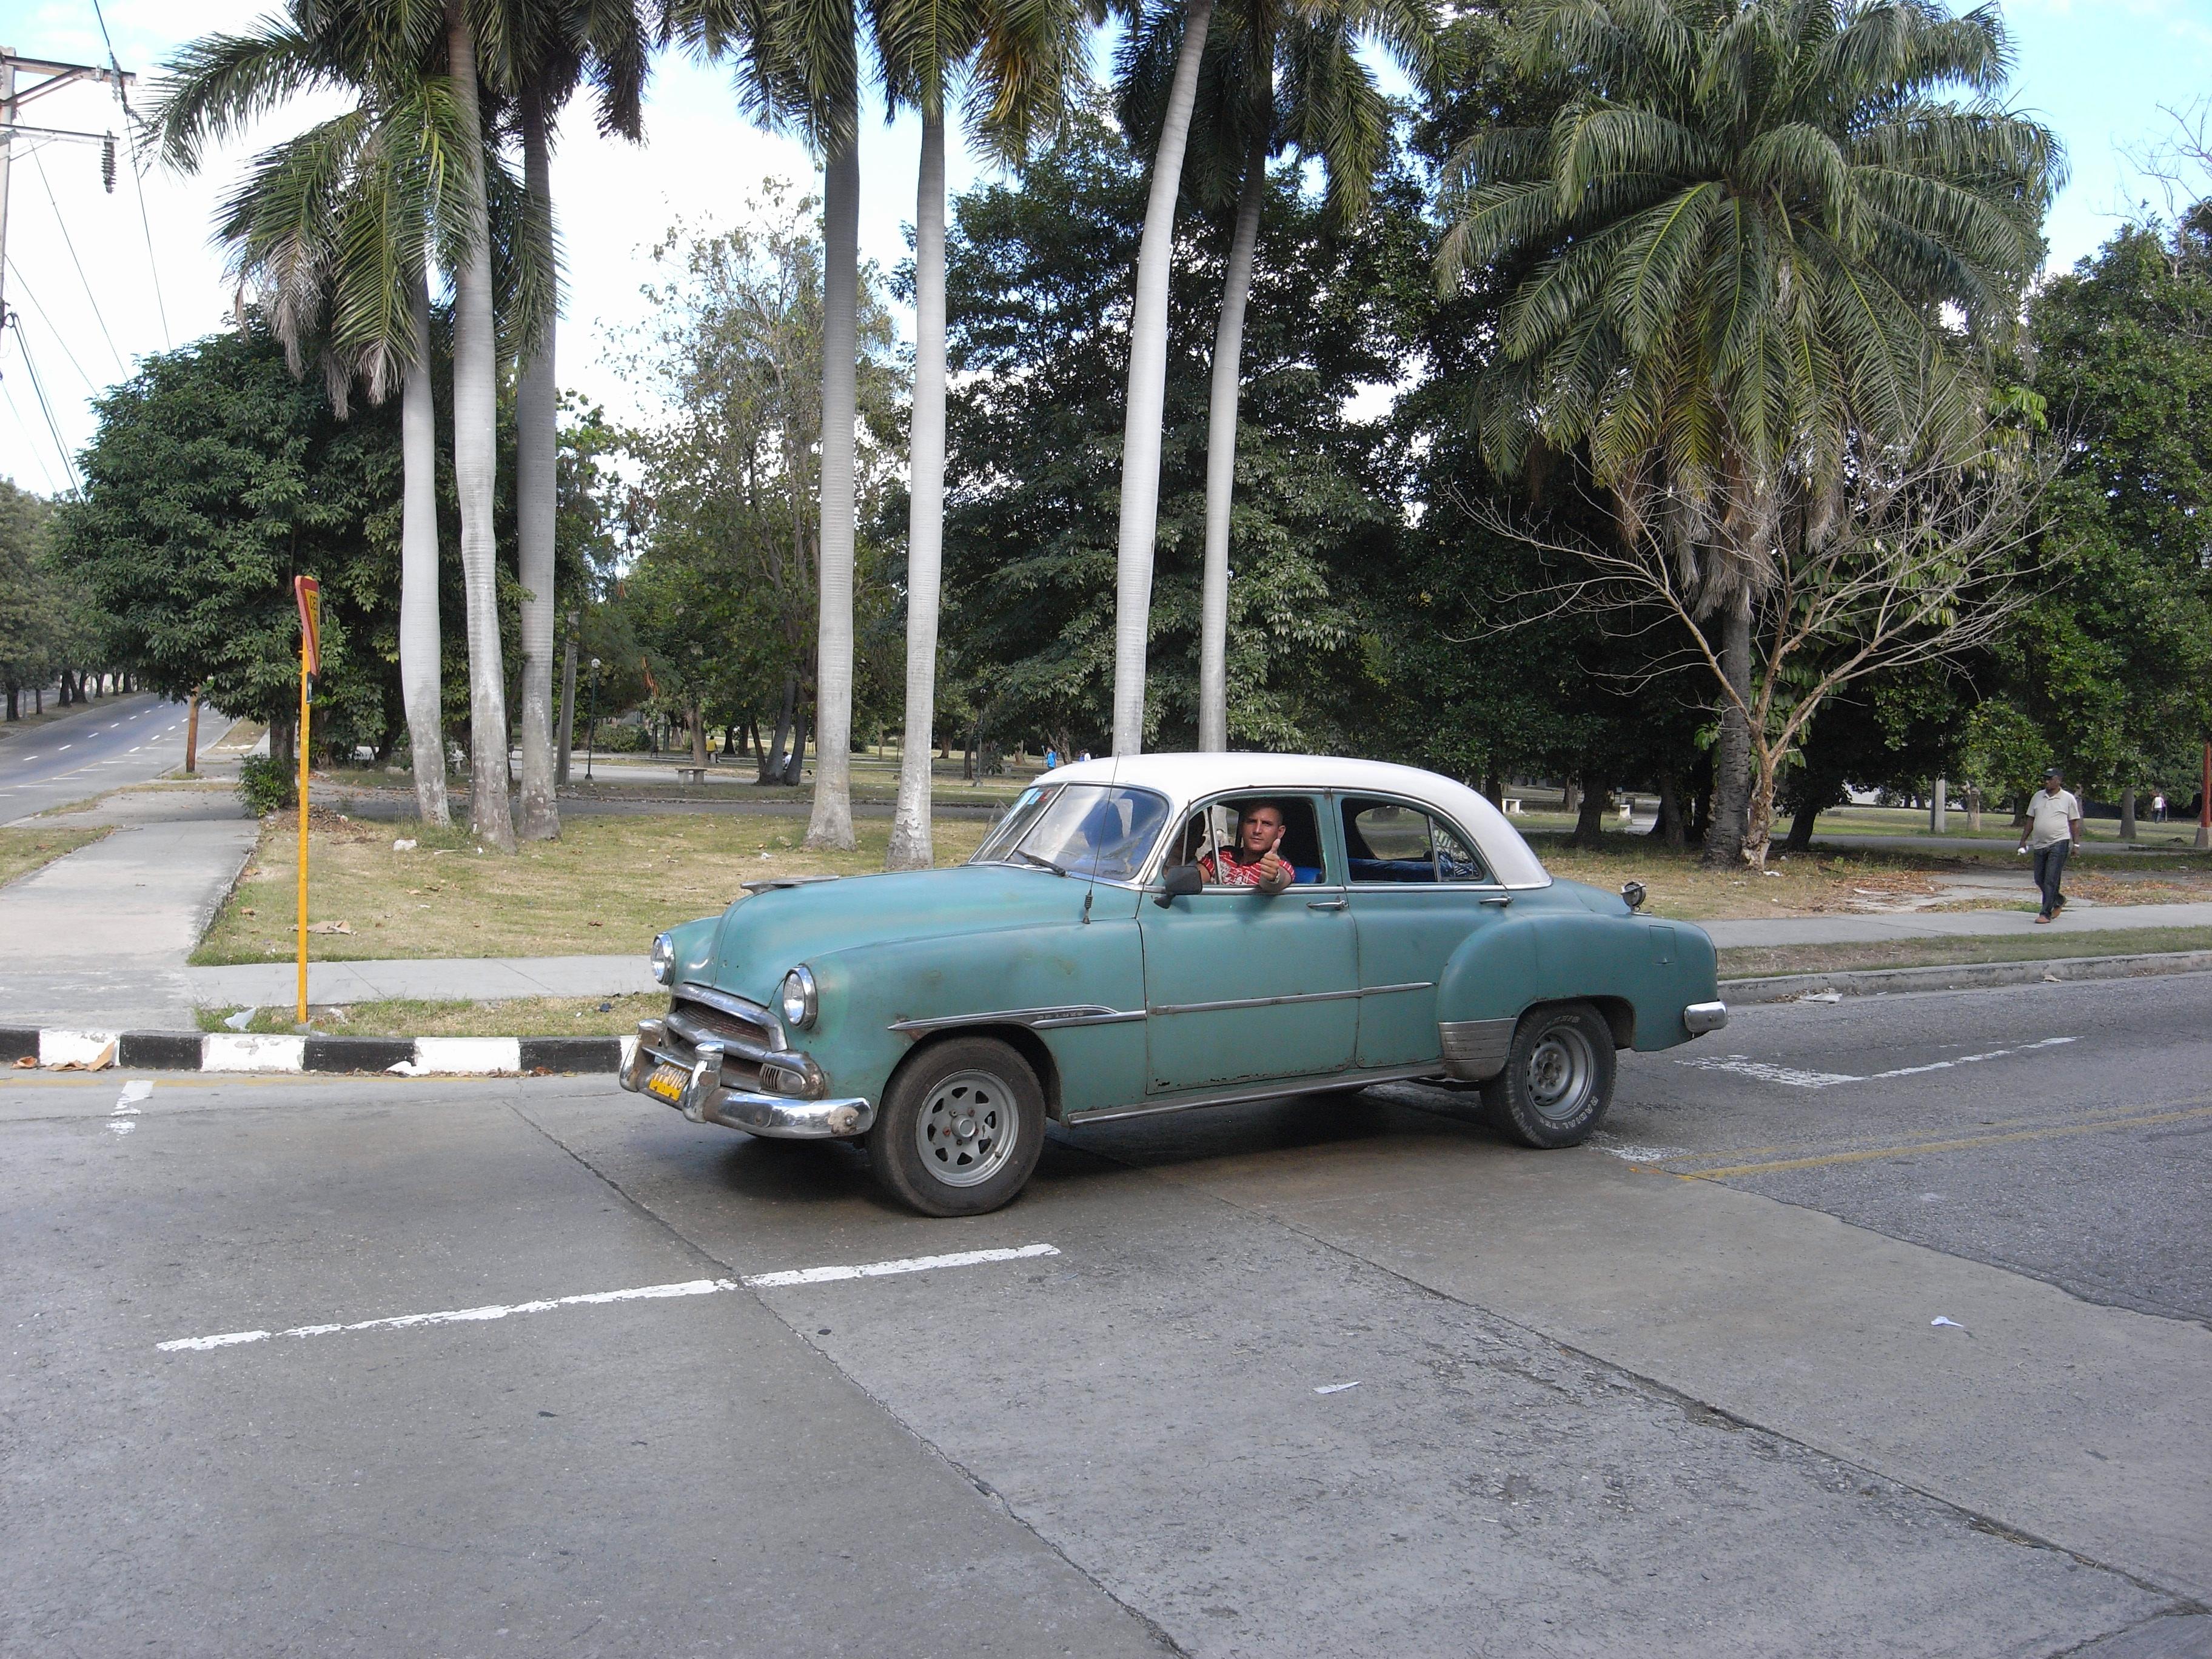 ハバナ空港⇔市街のアクセス方法、バス・タクシーでの行き方